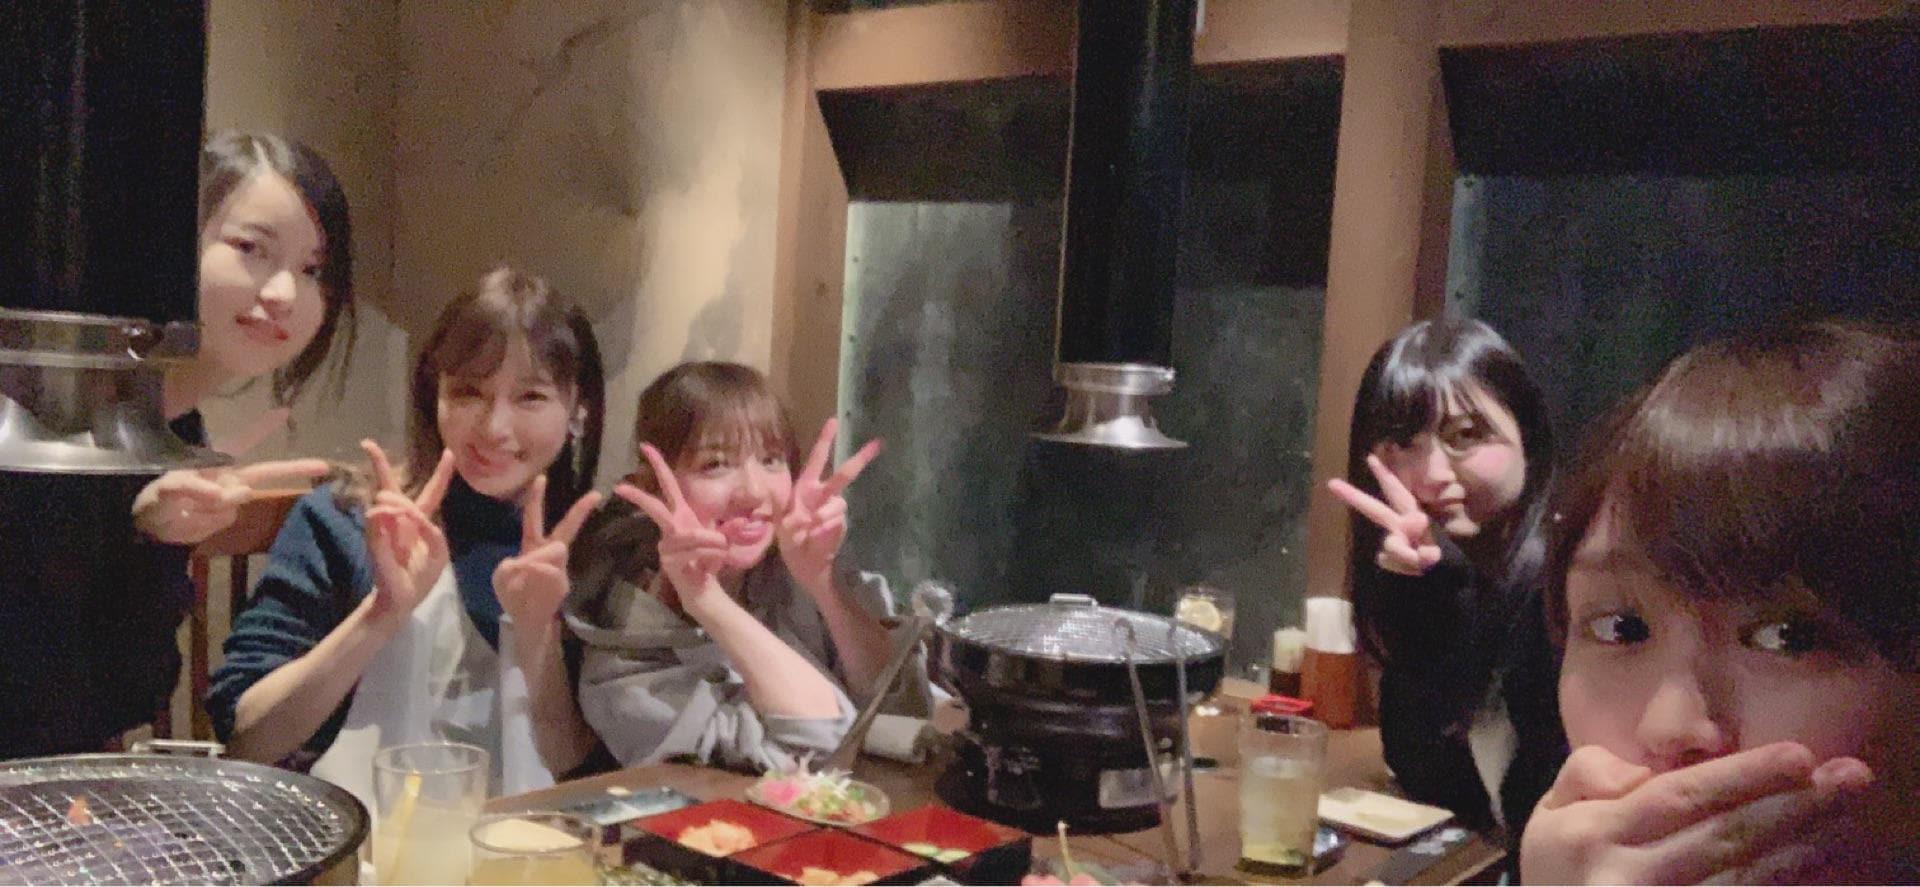 乃木坂46和田まあや、「ユニコーン」夜公演に来た高山・かりん・琴子・久保と焼肉